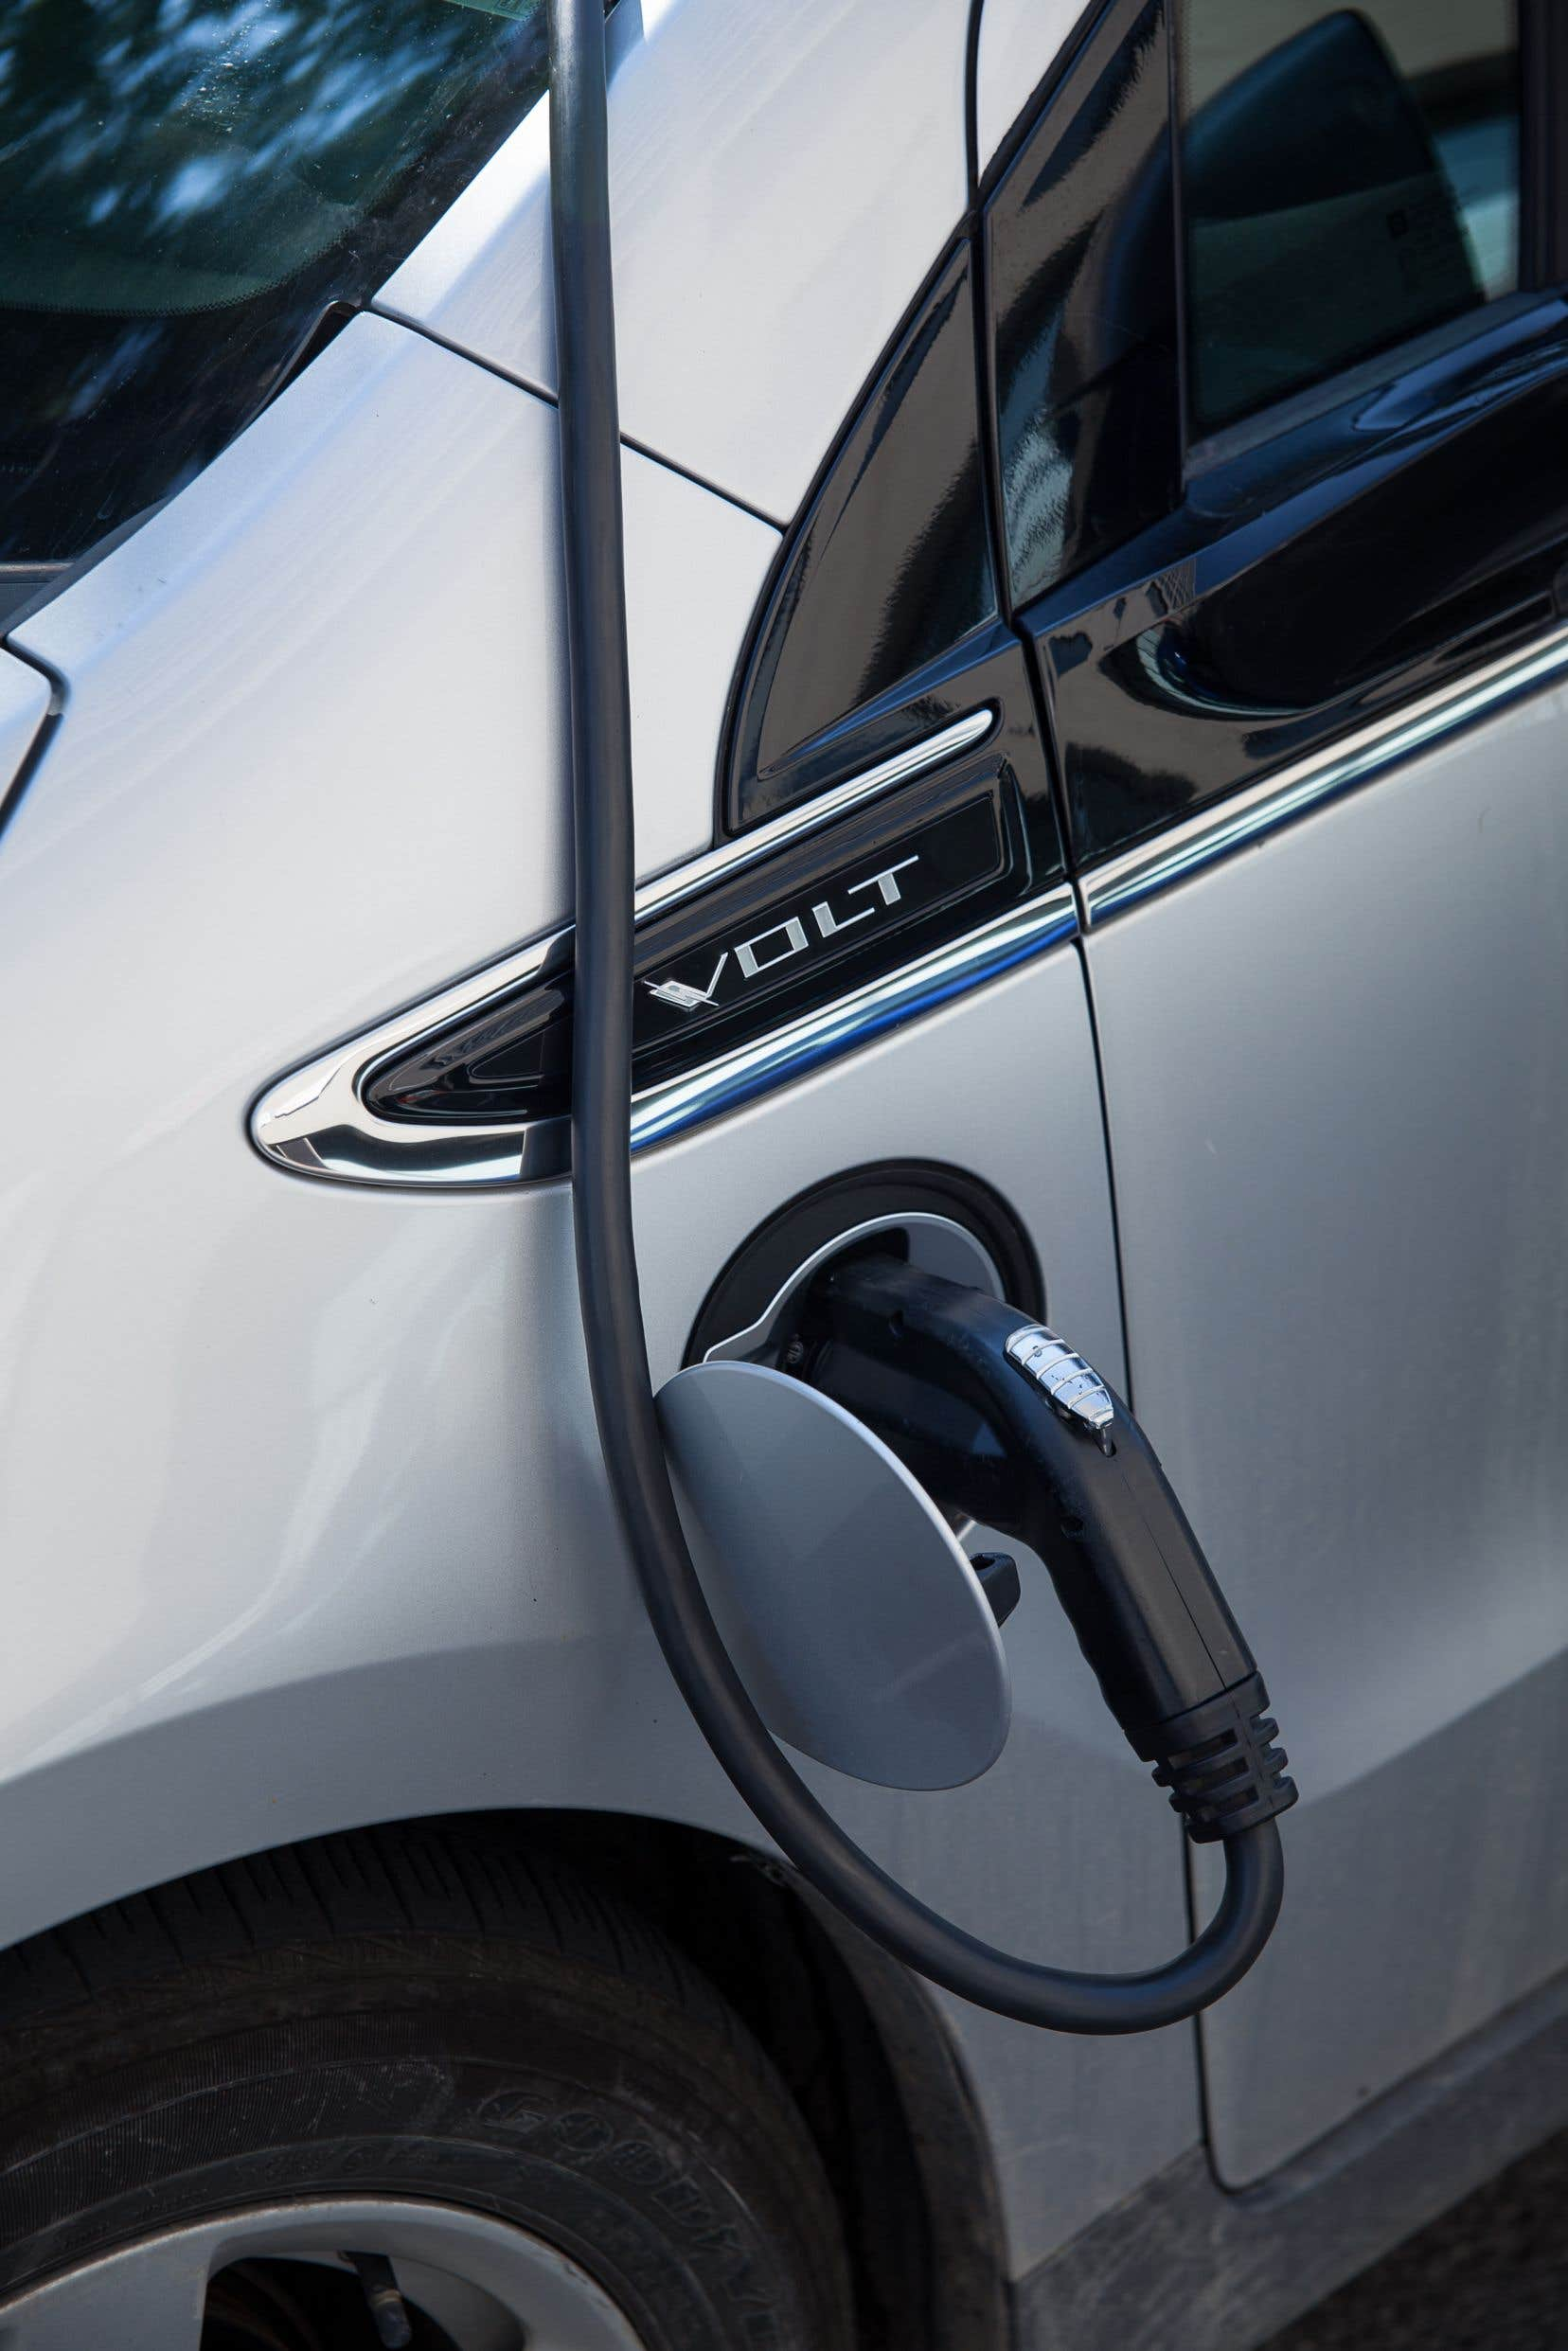 On prévoit que, d'ici la fin de 2020, 100 000 véhicules électriques rouleront au Québec, et 1 million en 2030.